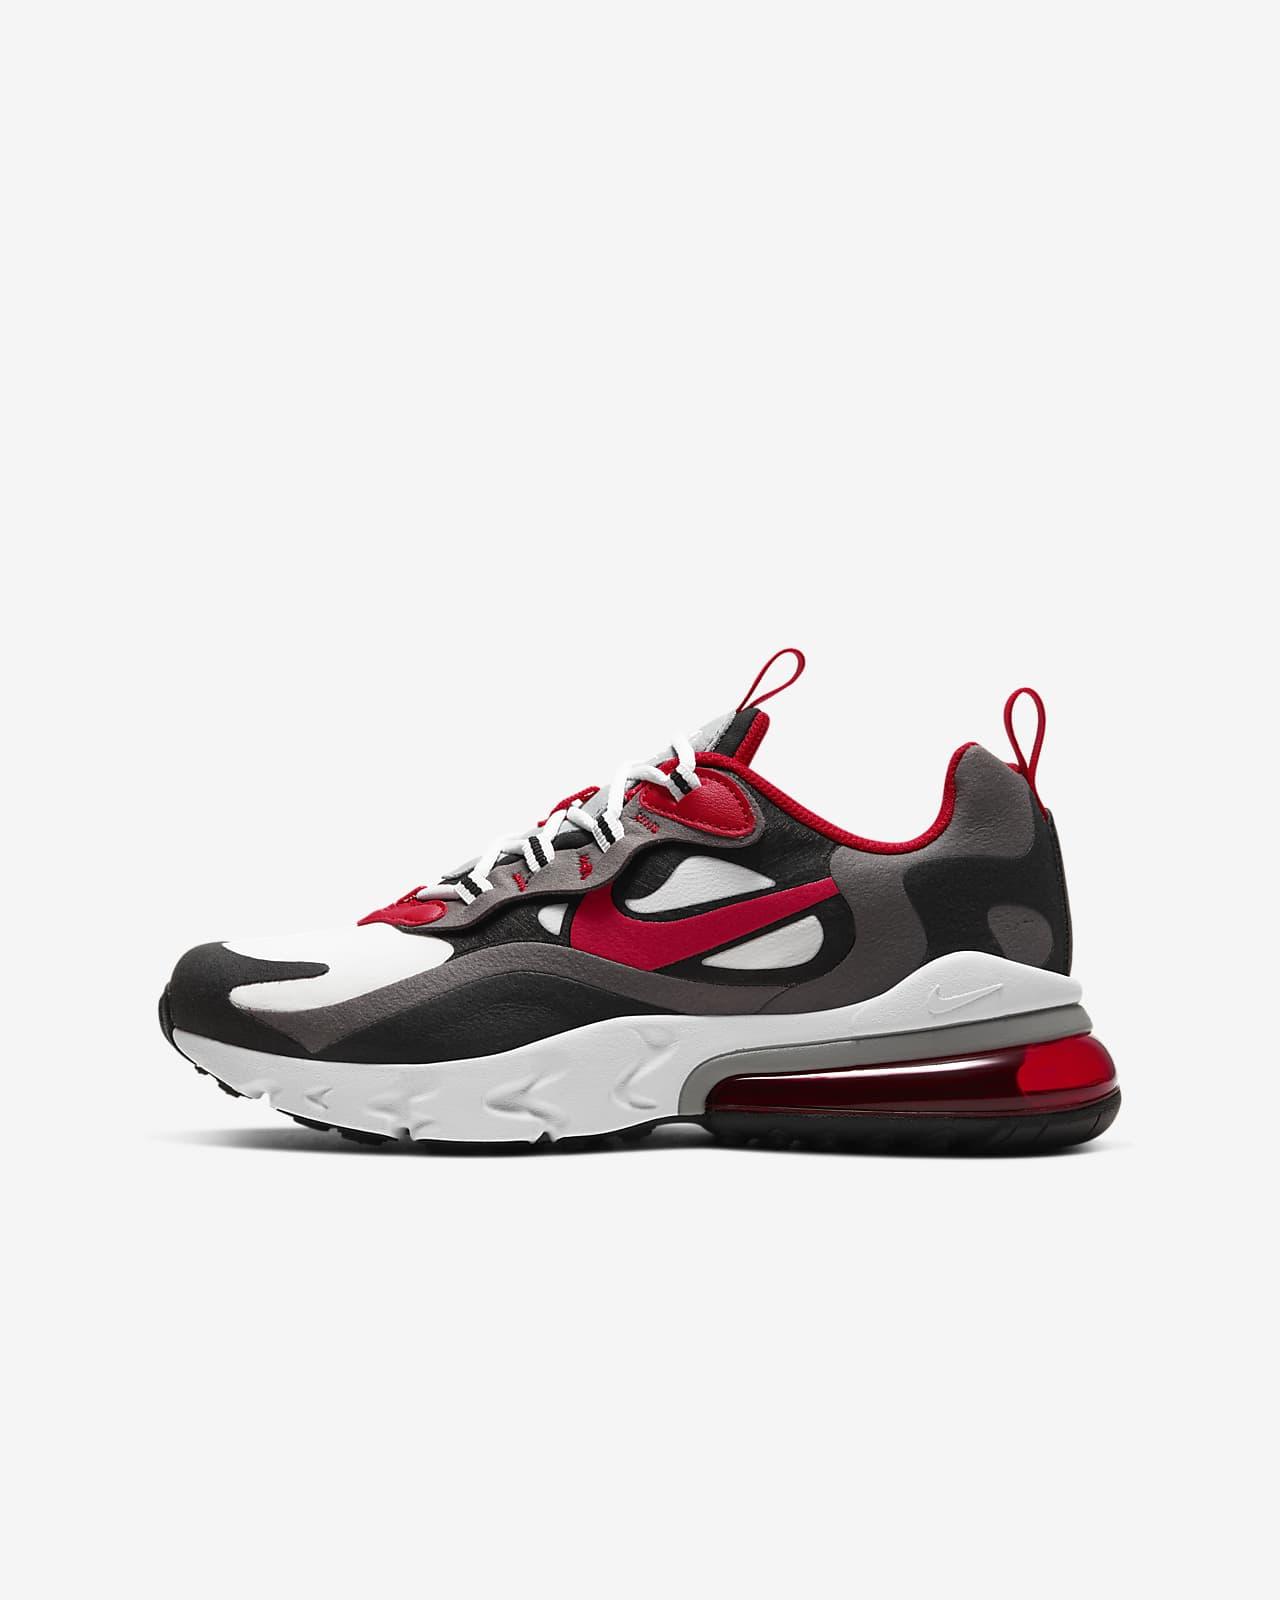 air max 270 rojo y negro